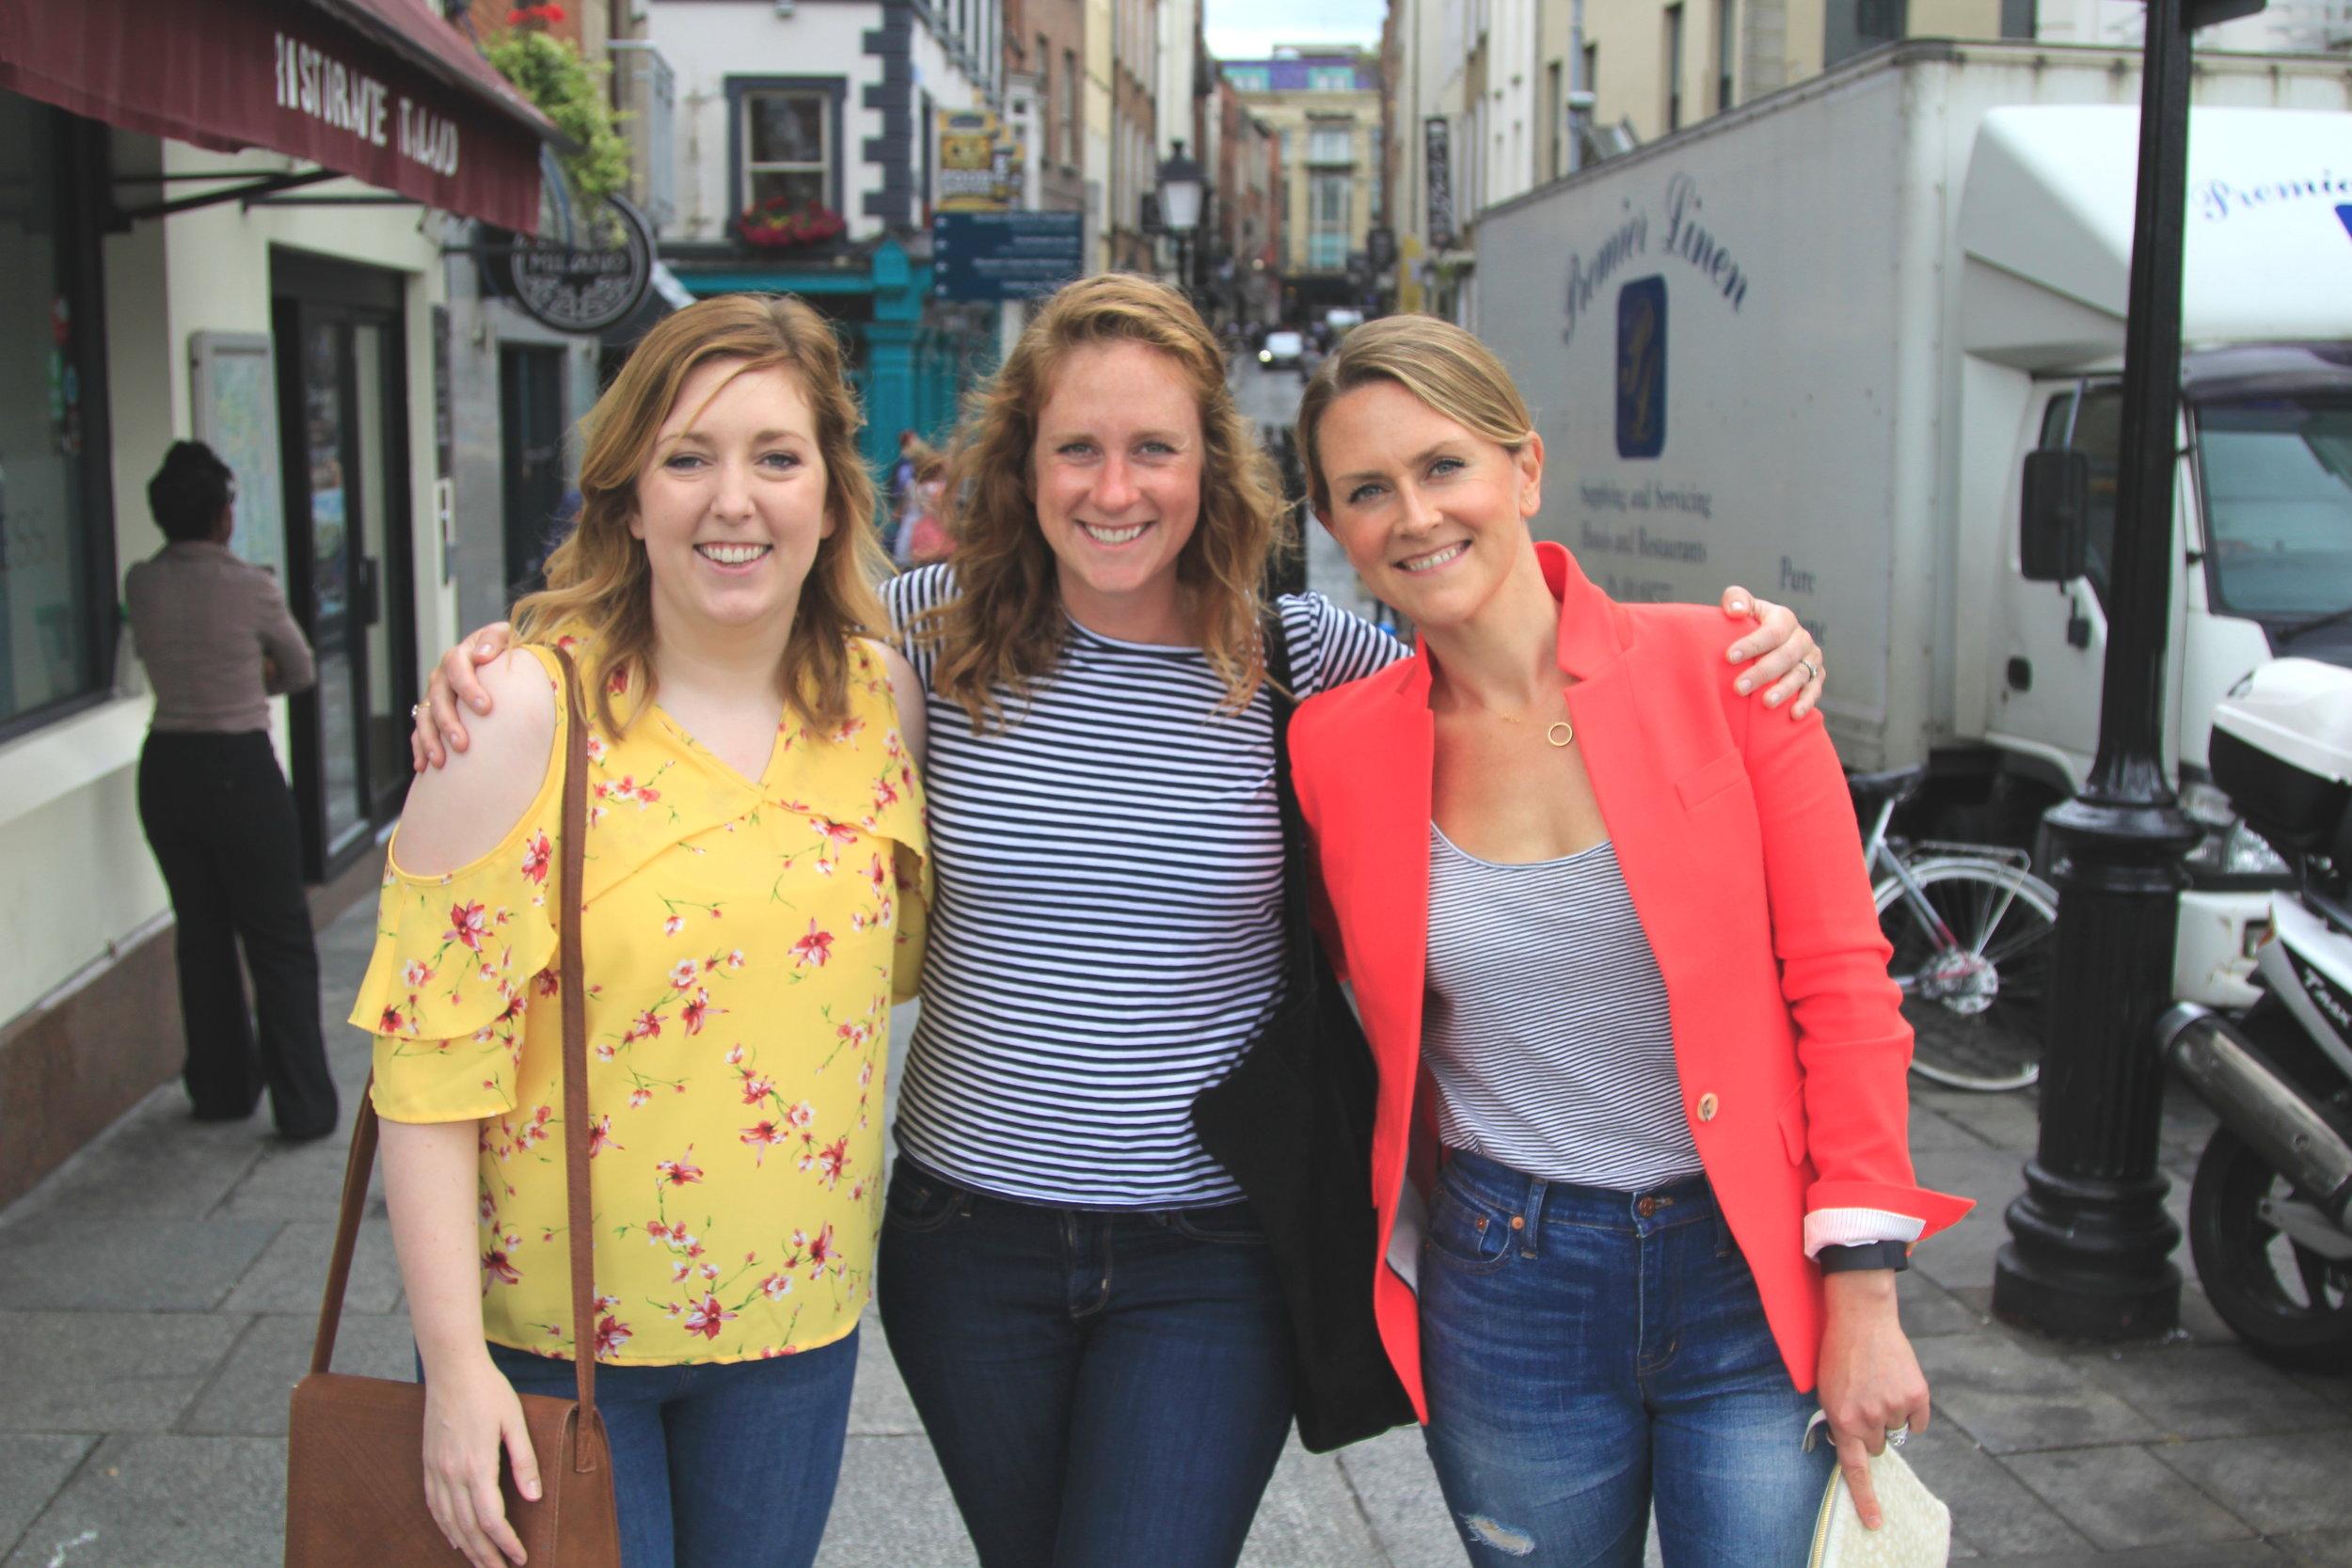 Cousins in Ireland!